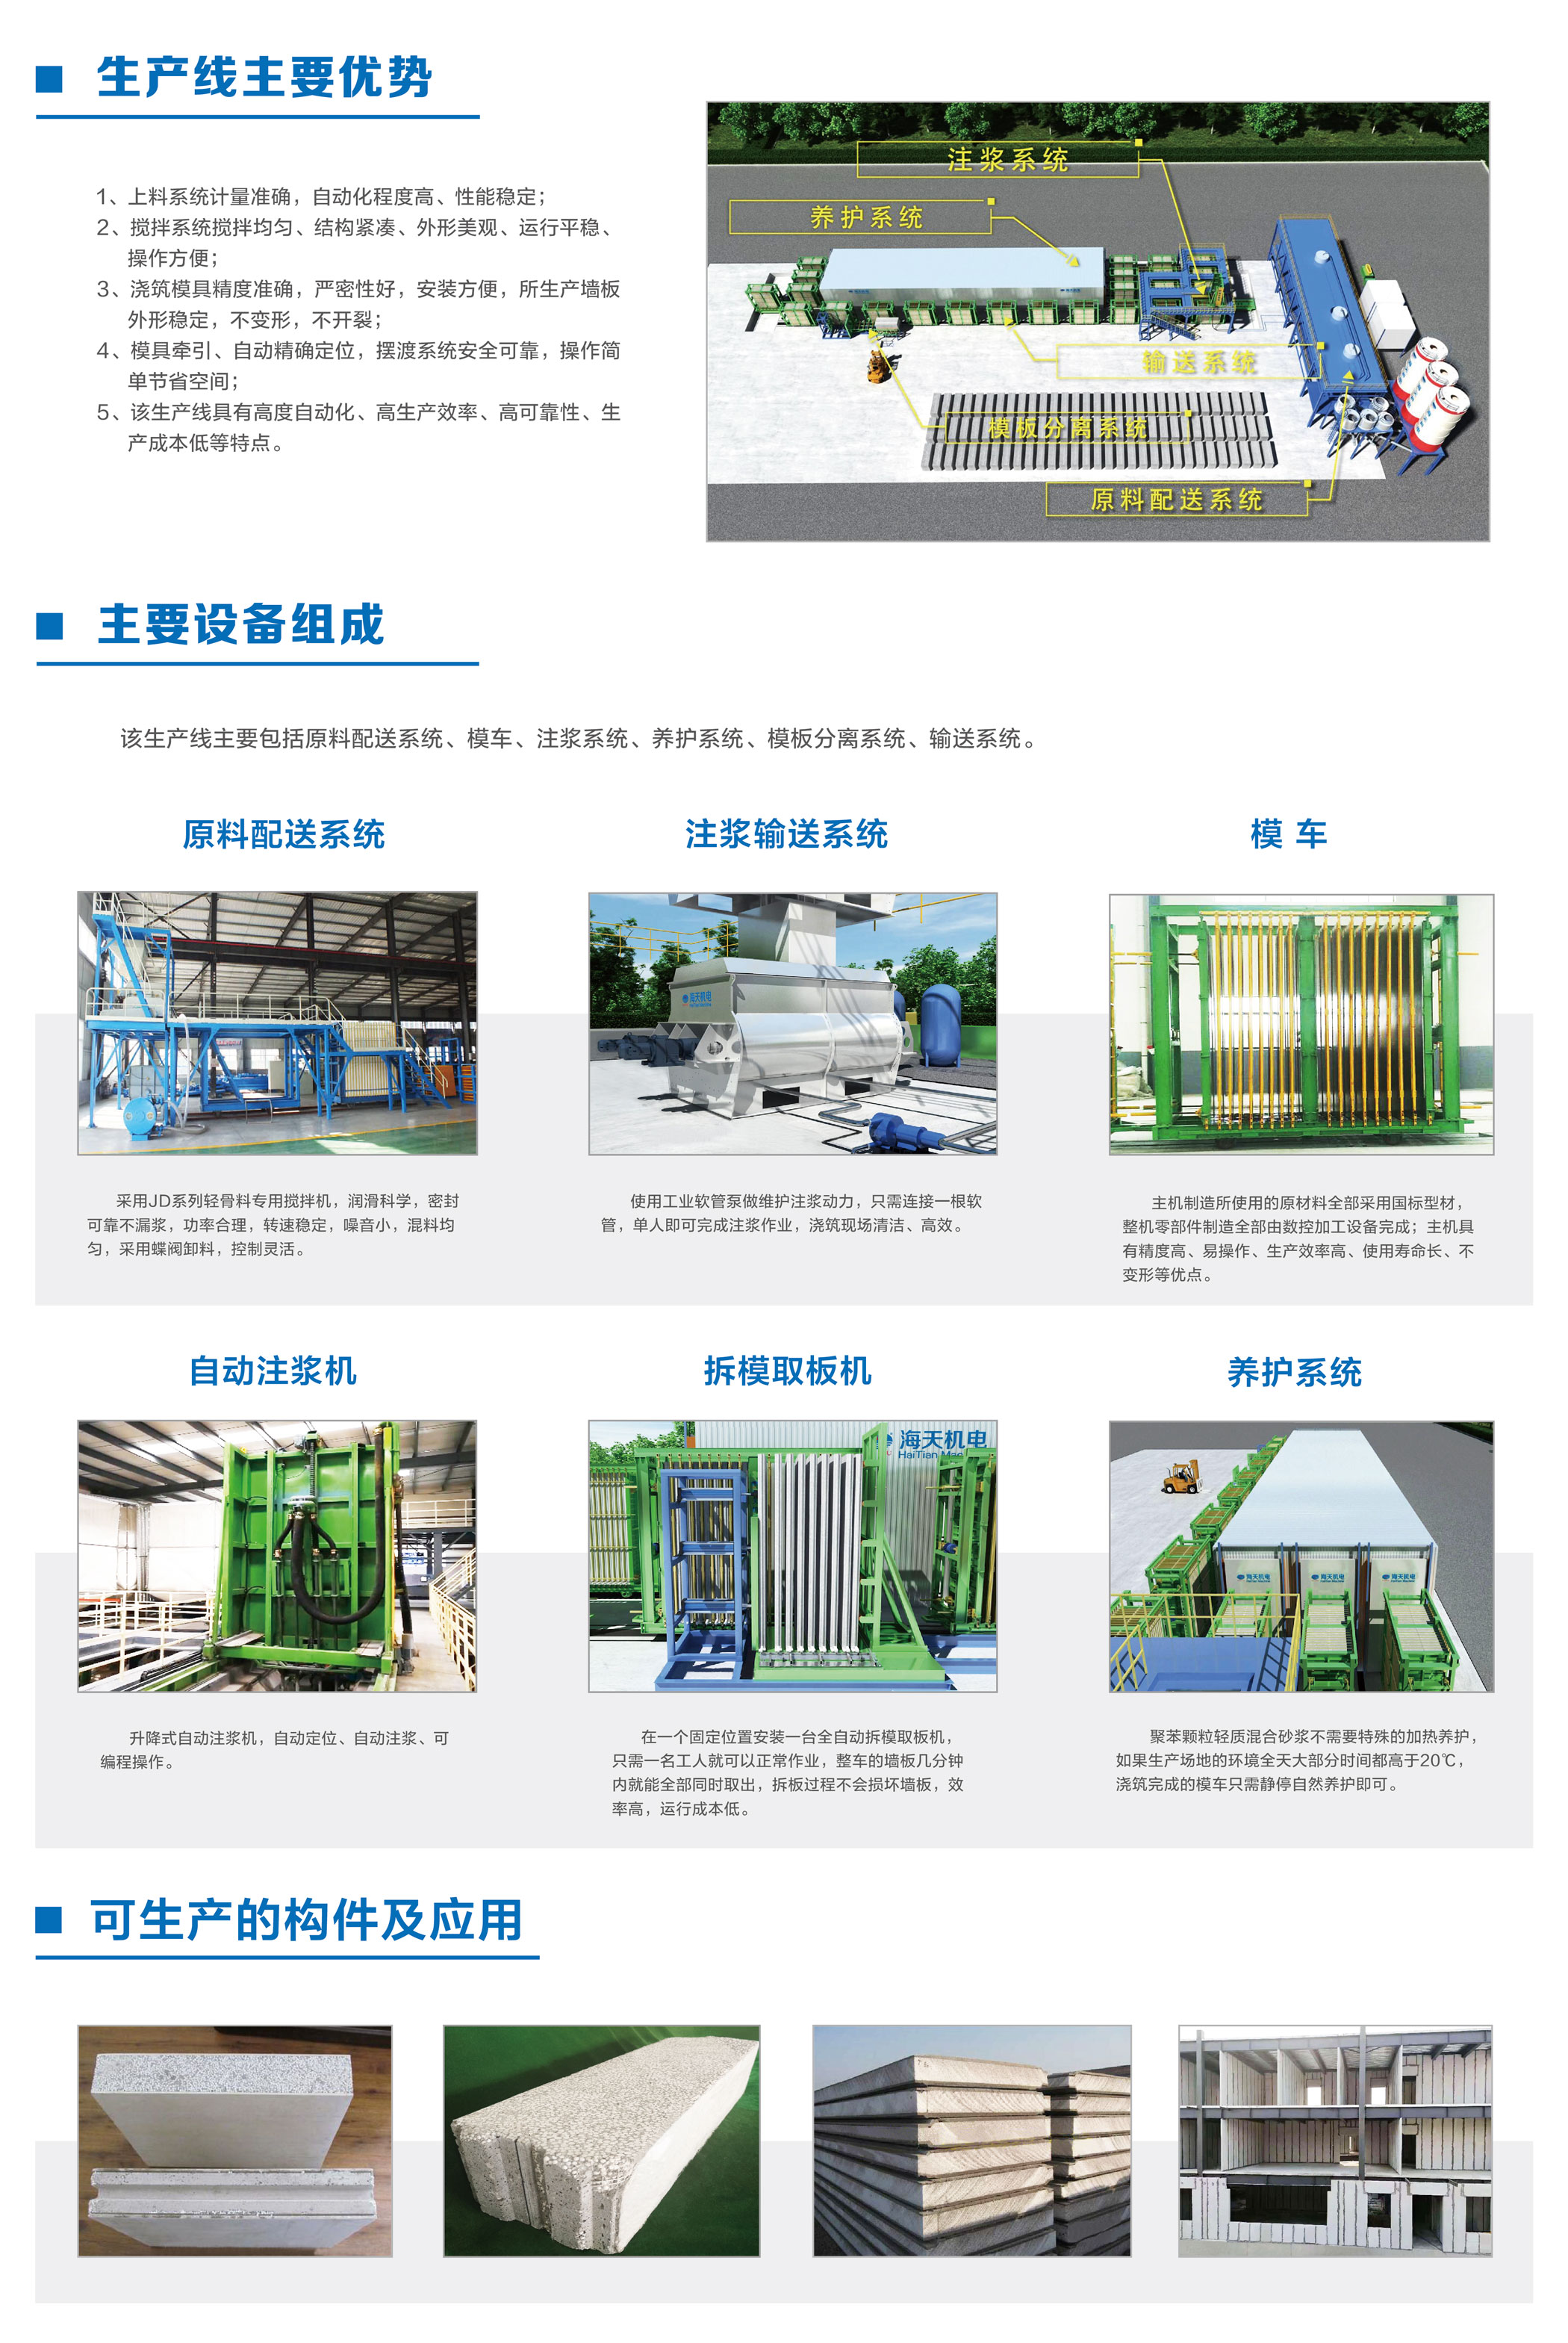 全自动聚苯颗粒复合轻质墙板生产线